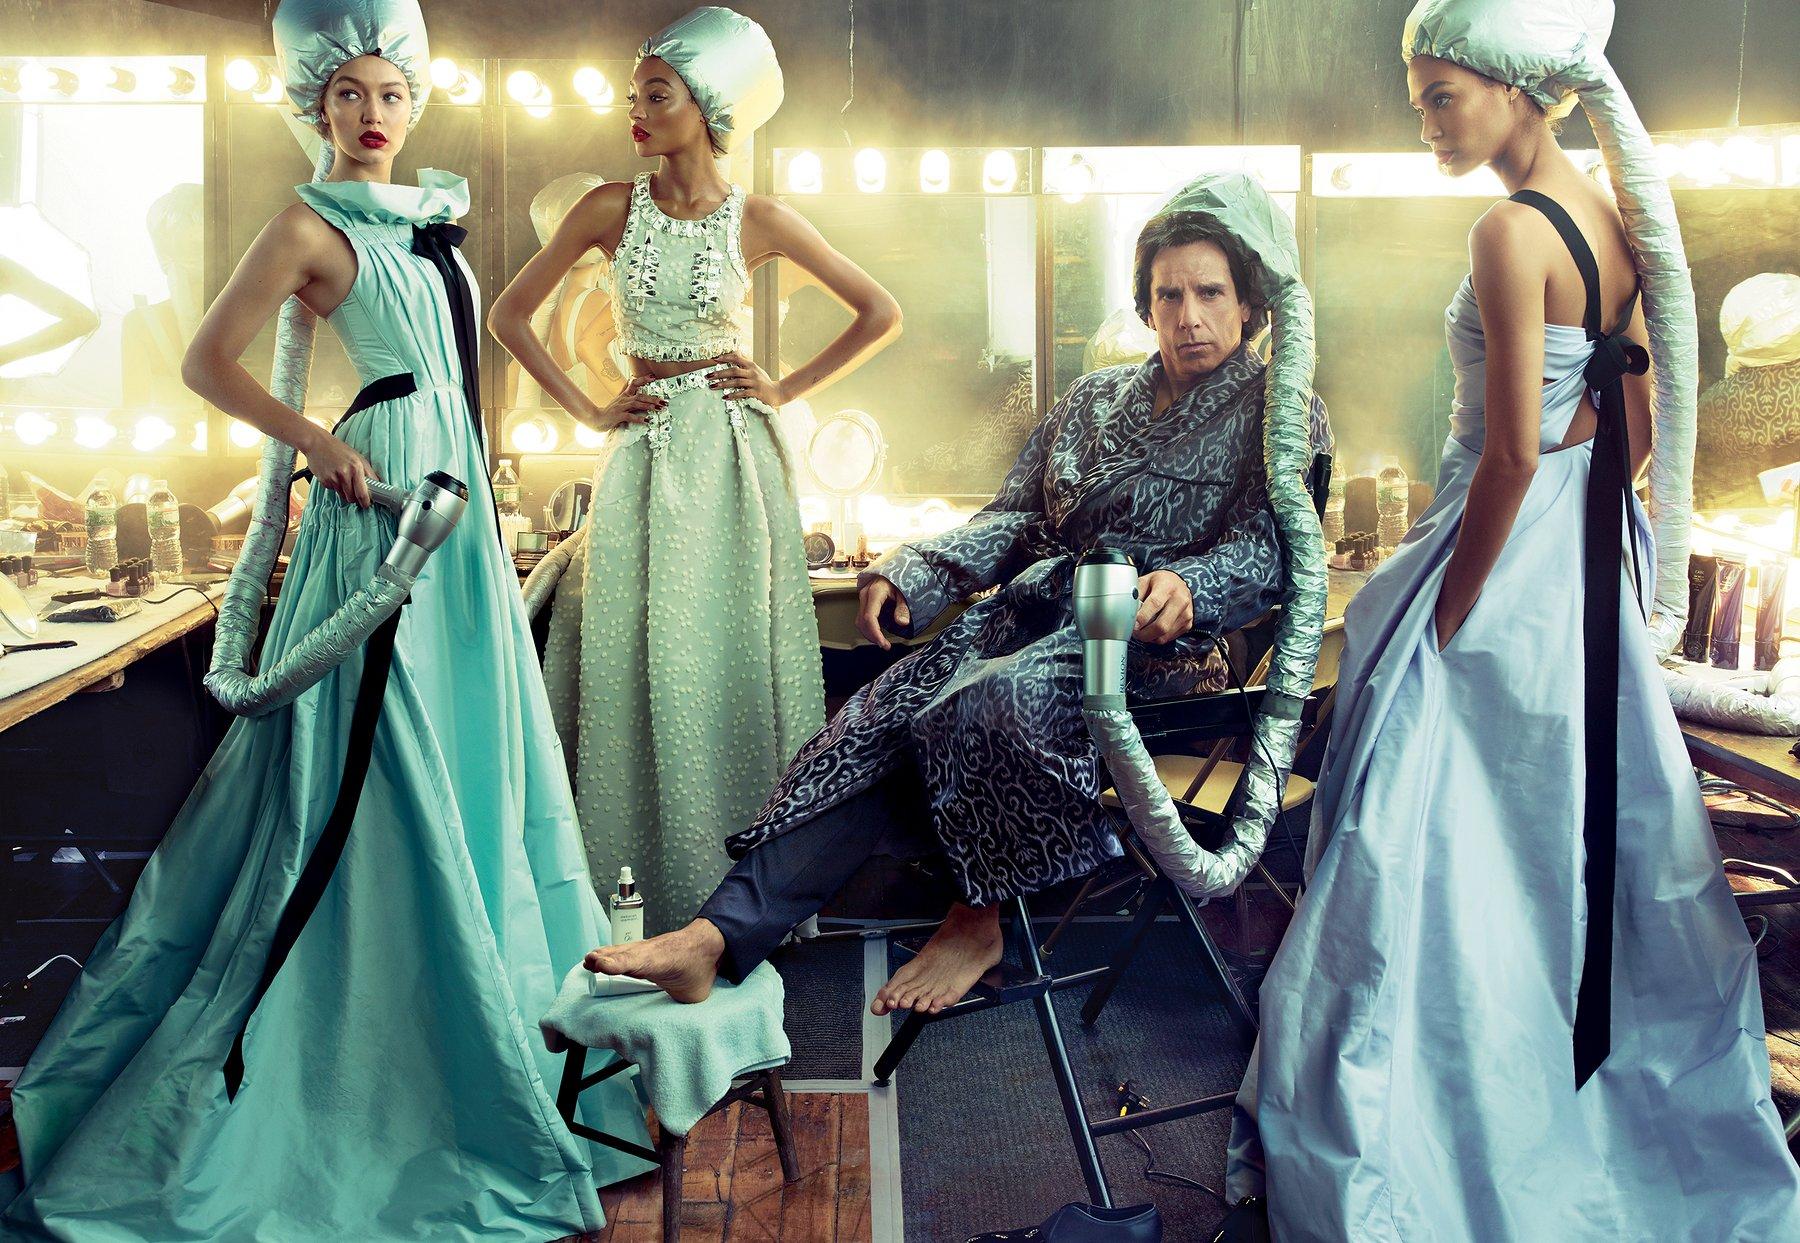 Zoolander in Vogue